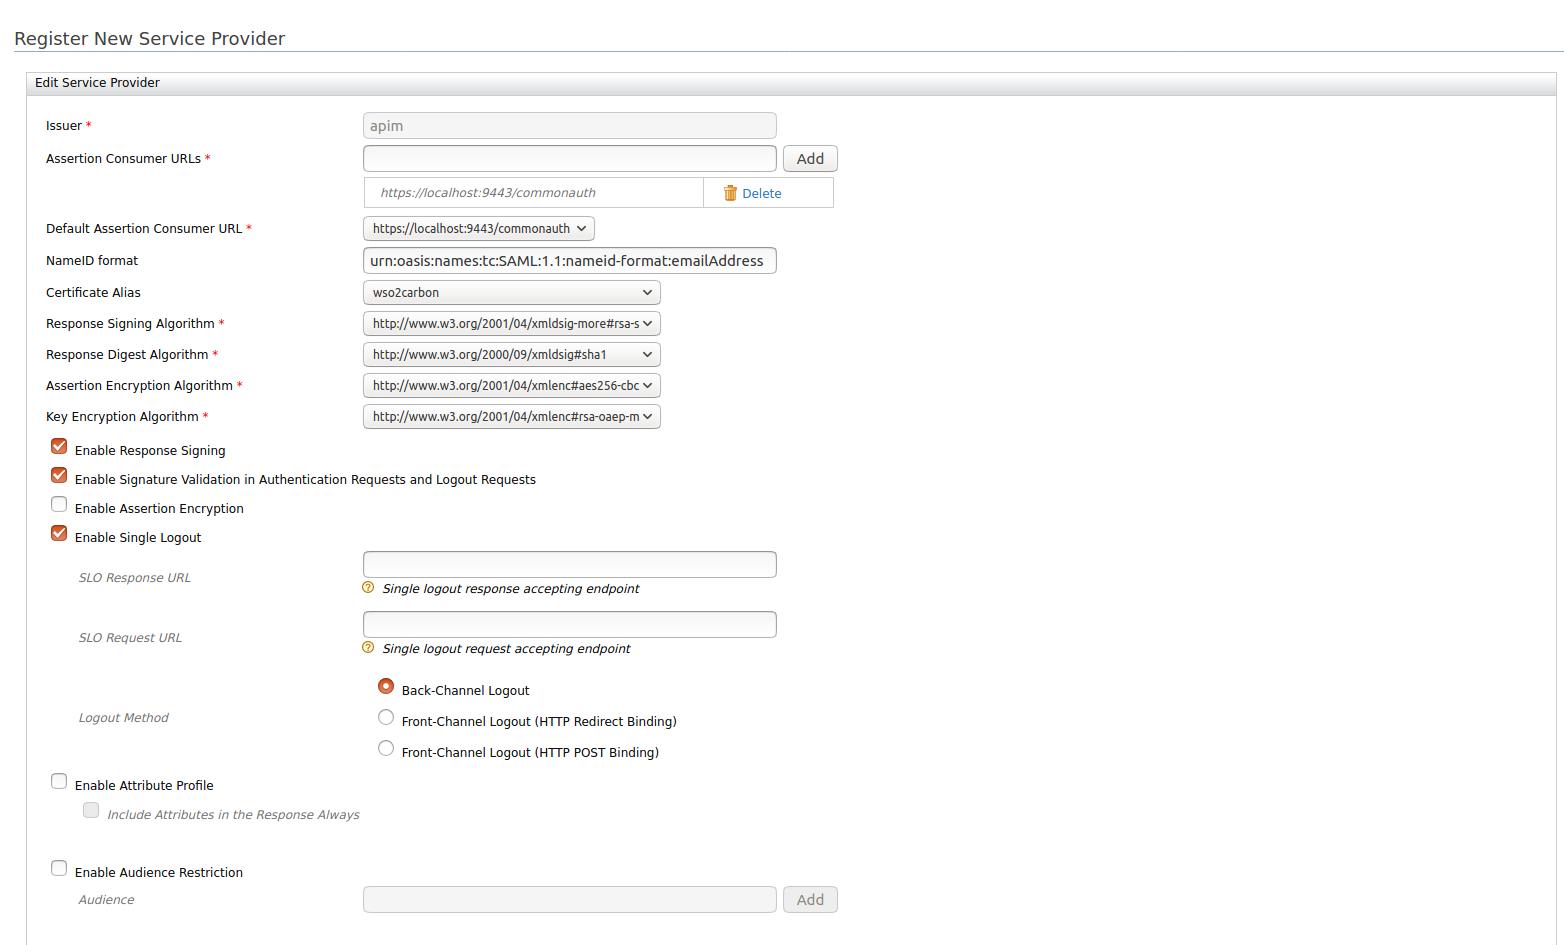 saml-configuration-in-service-provider